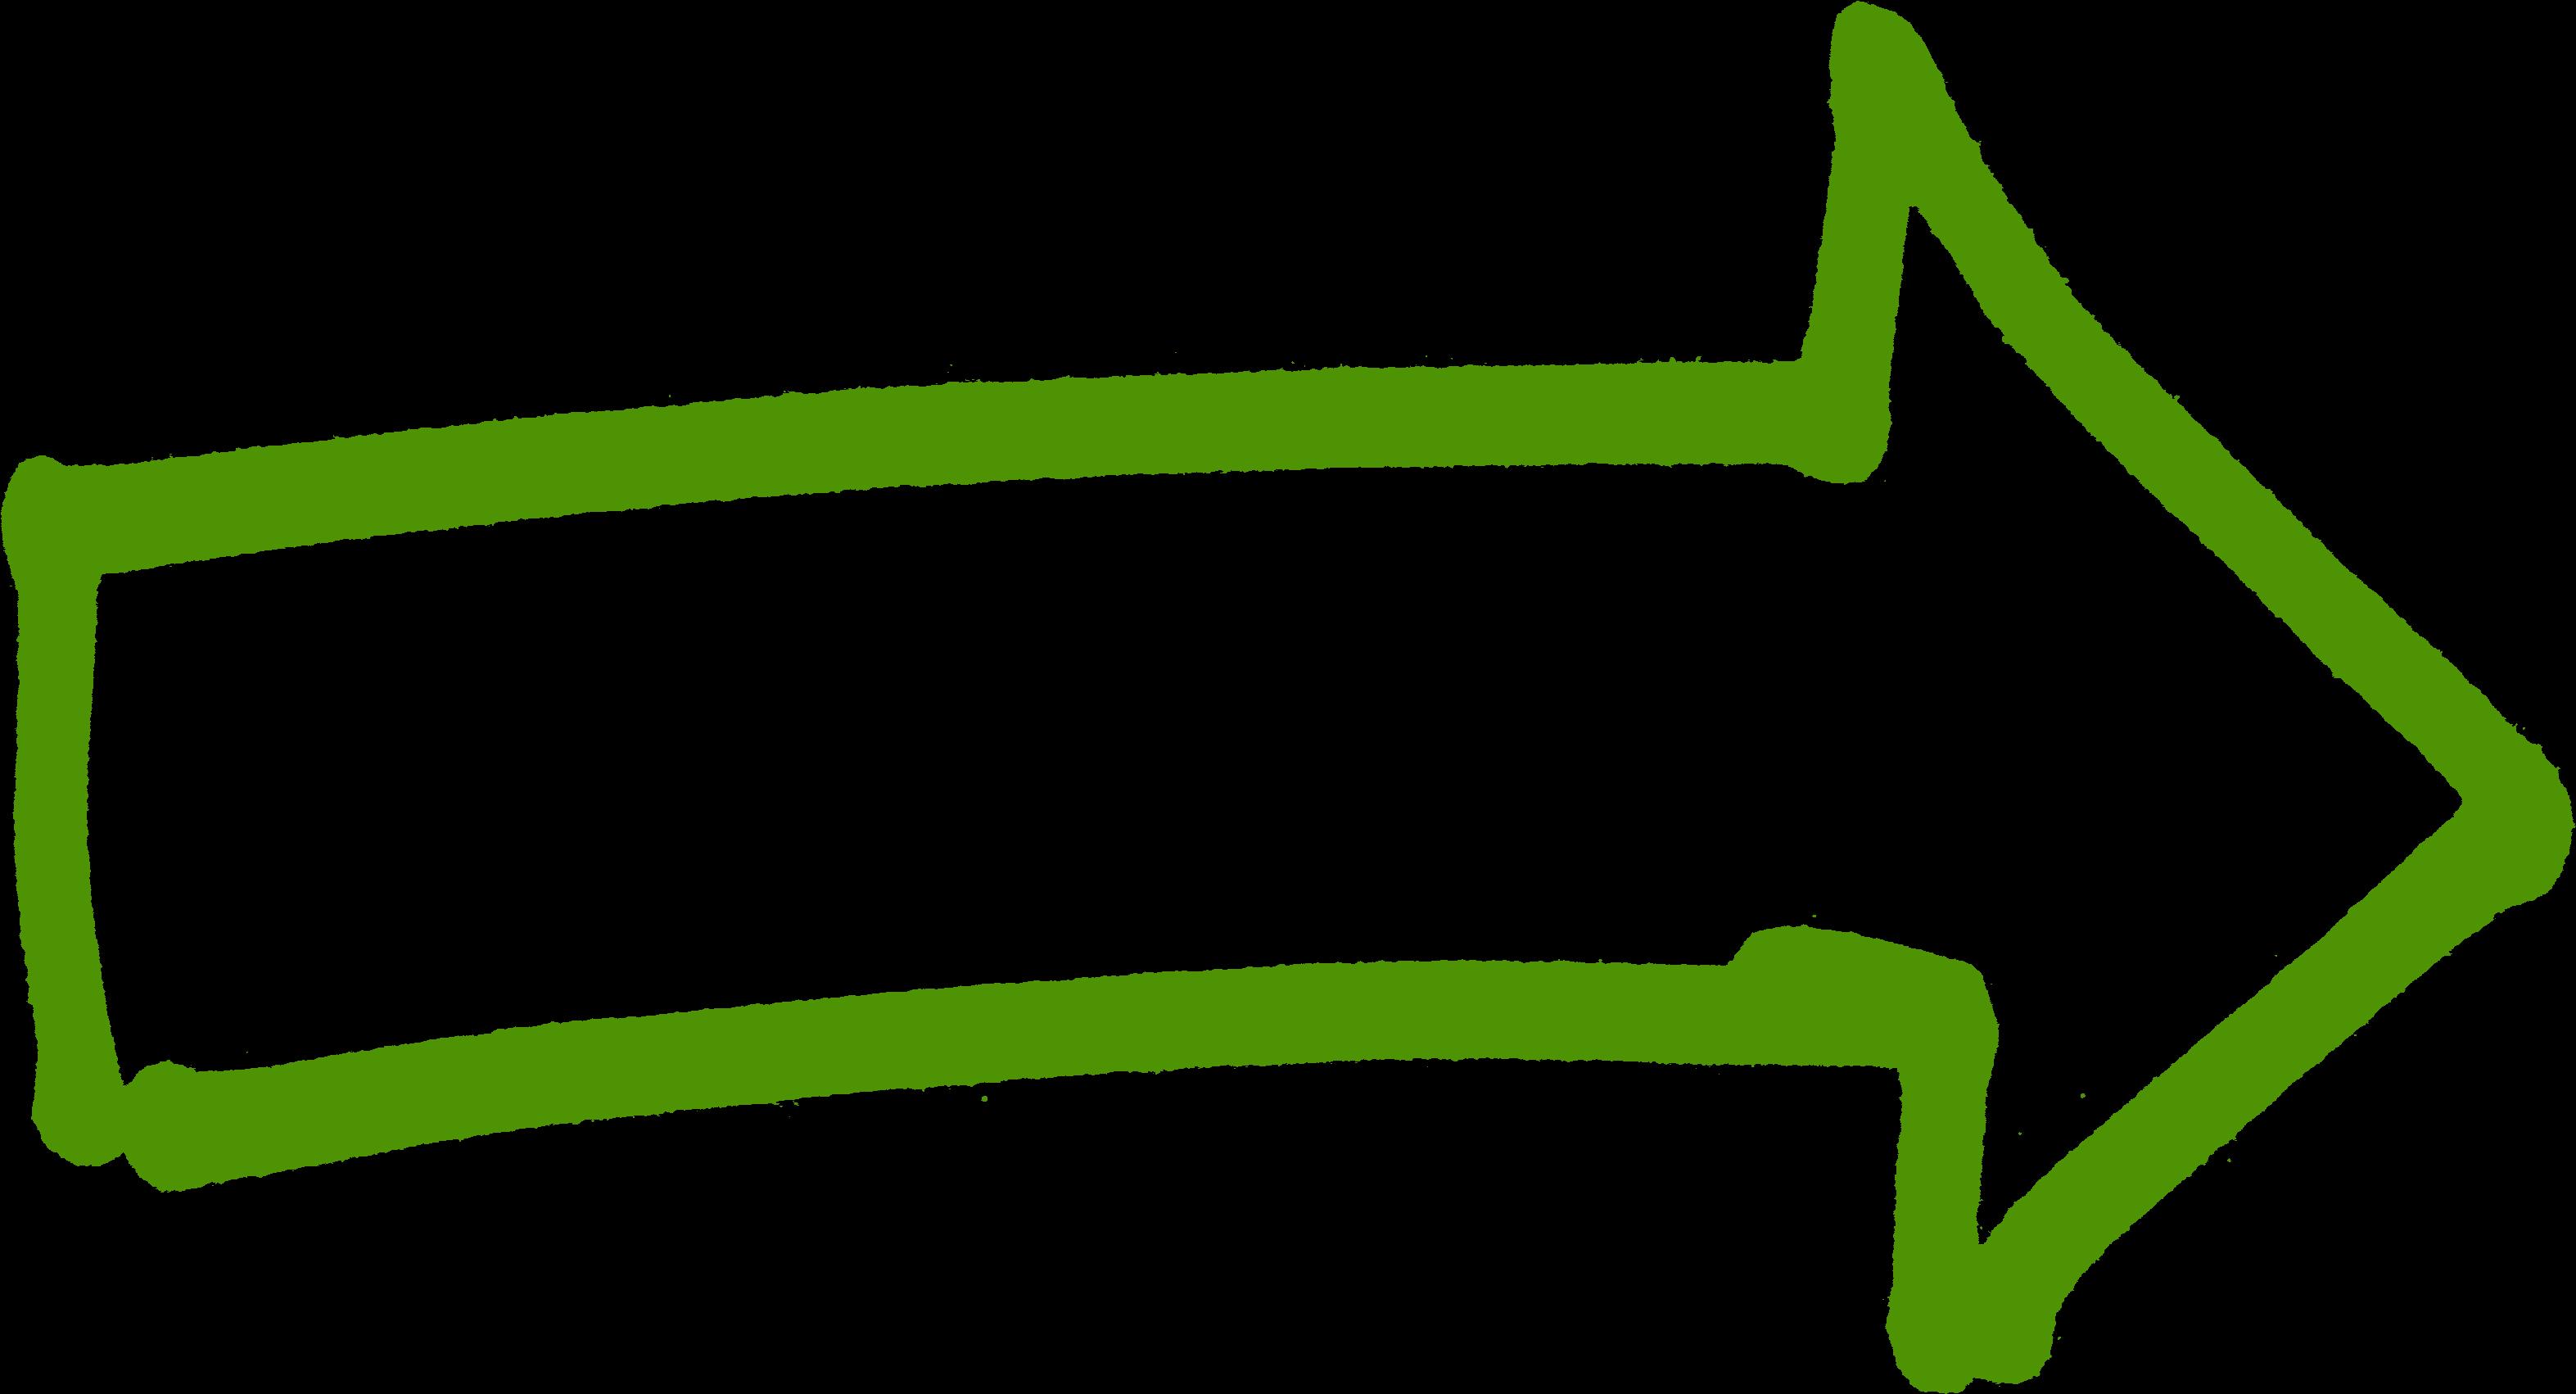 png arrows - Green Right Arrow - Transparent Clipart Arrow ...